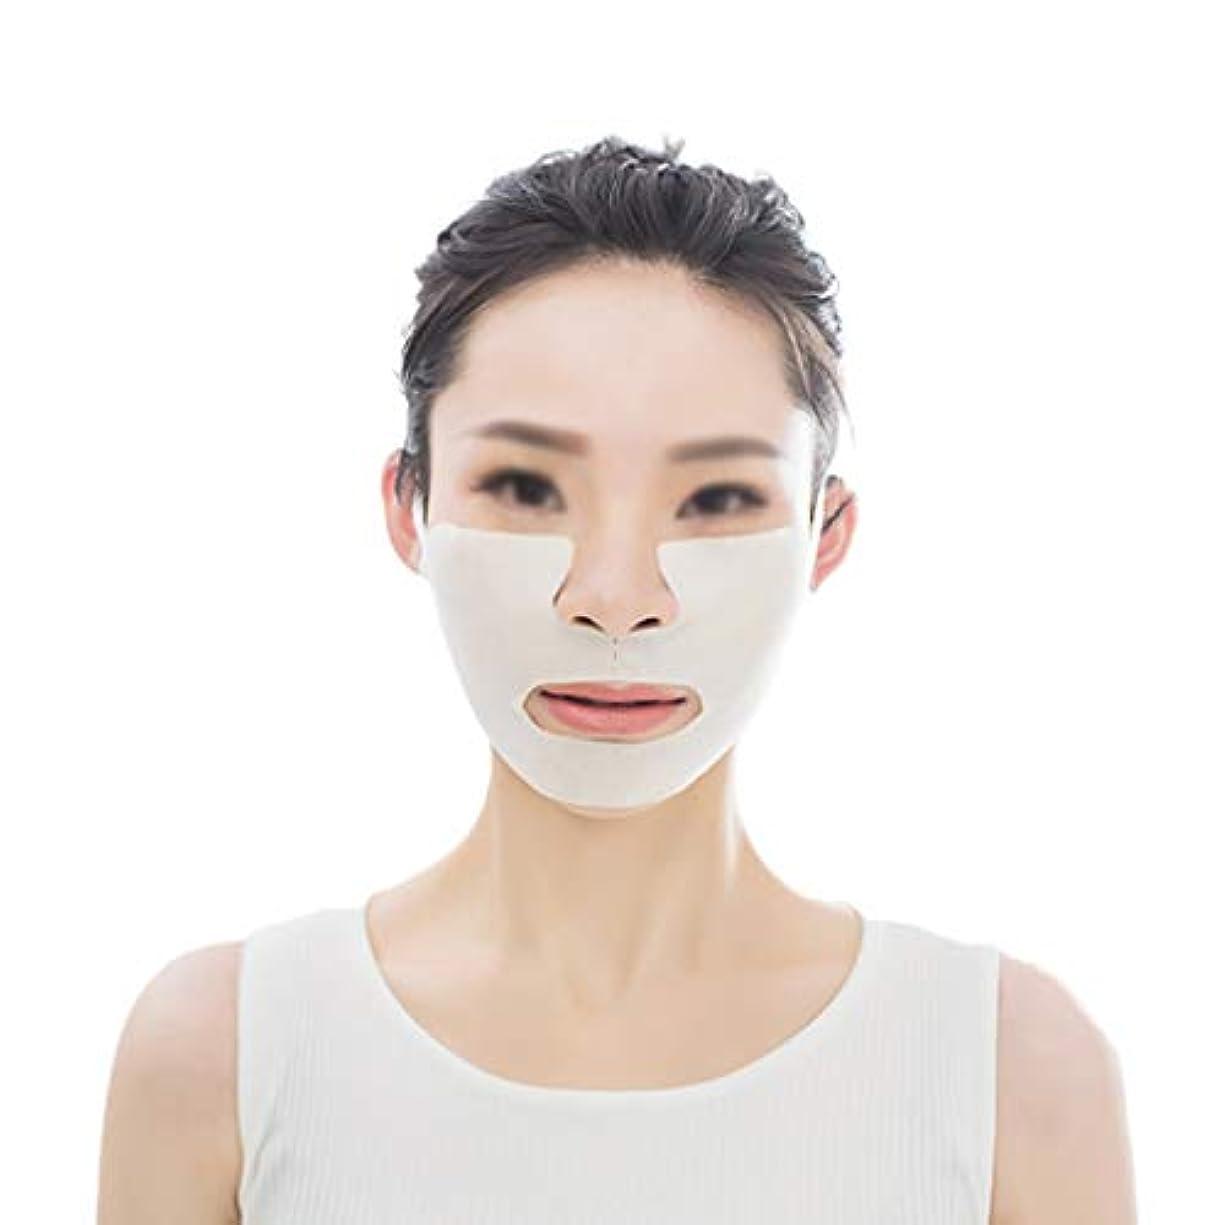 燃料超えて球体フェイシャルスリミング、薄いフェイスマスク、下顎咬筋のあごを改善してフェイシャルラインを形成する、5箱、フェイスマスクの3箱